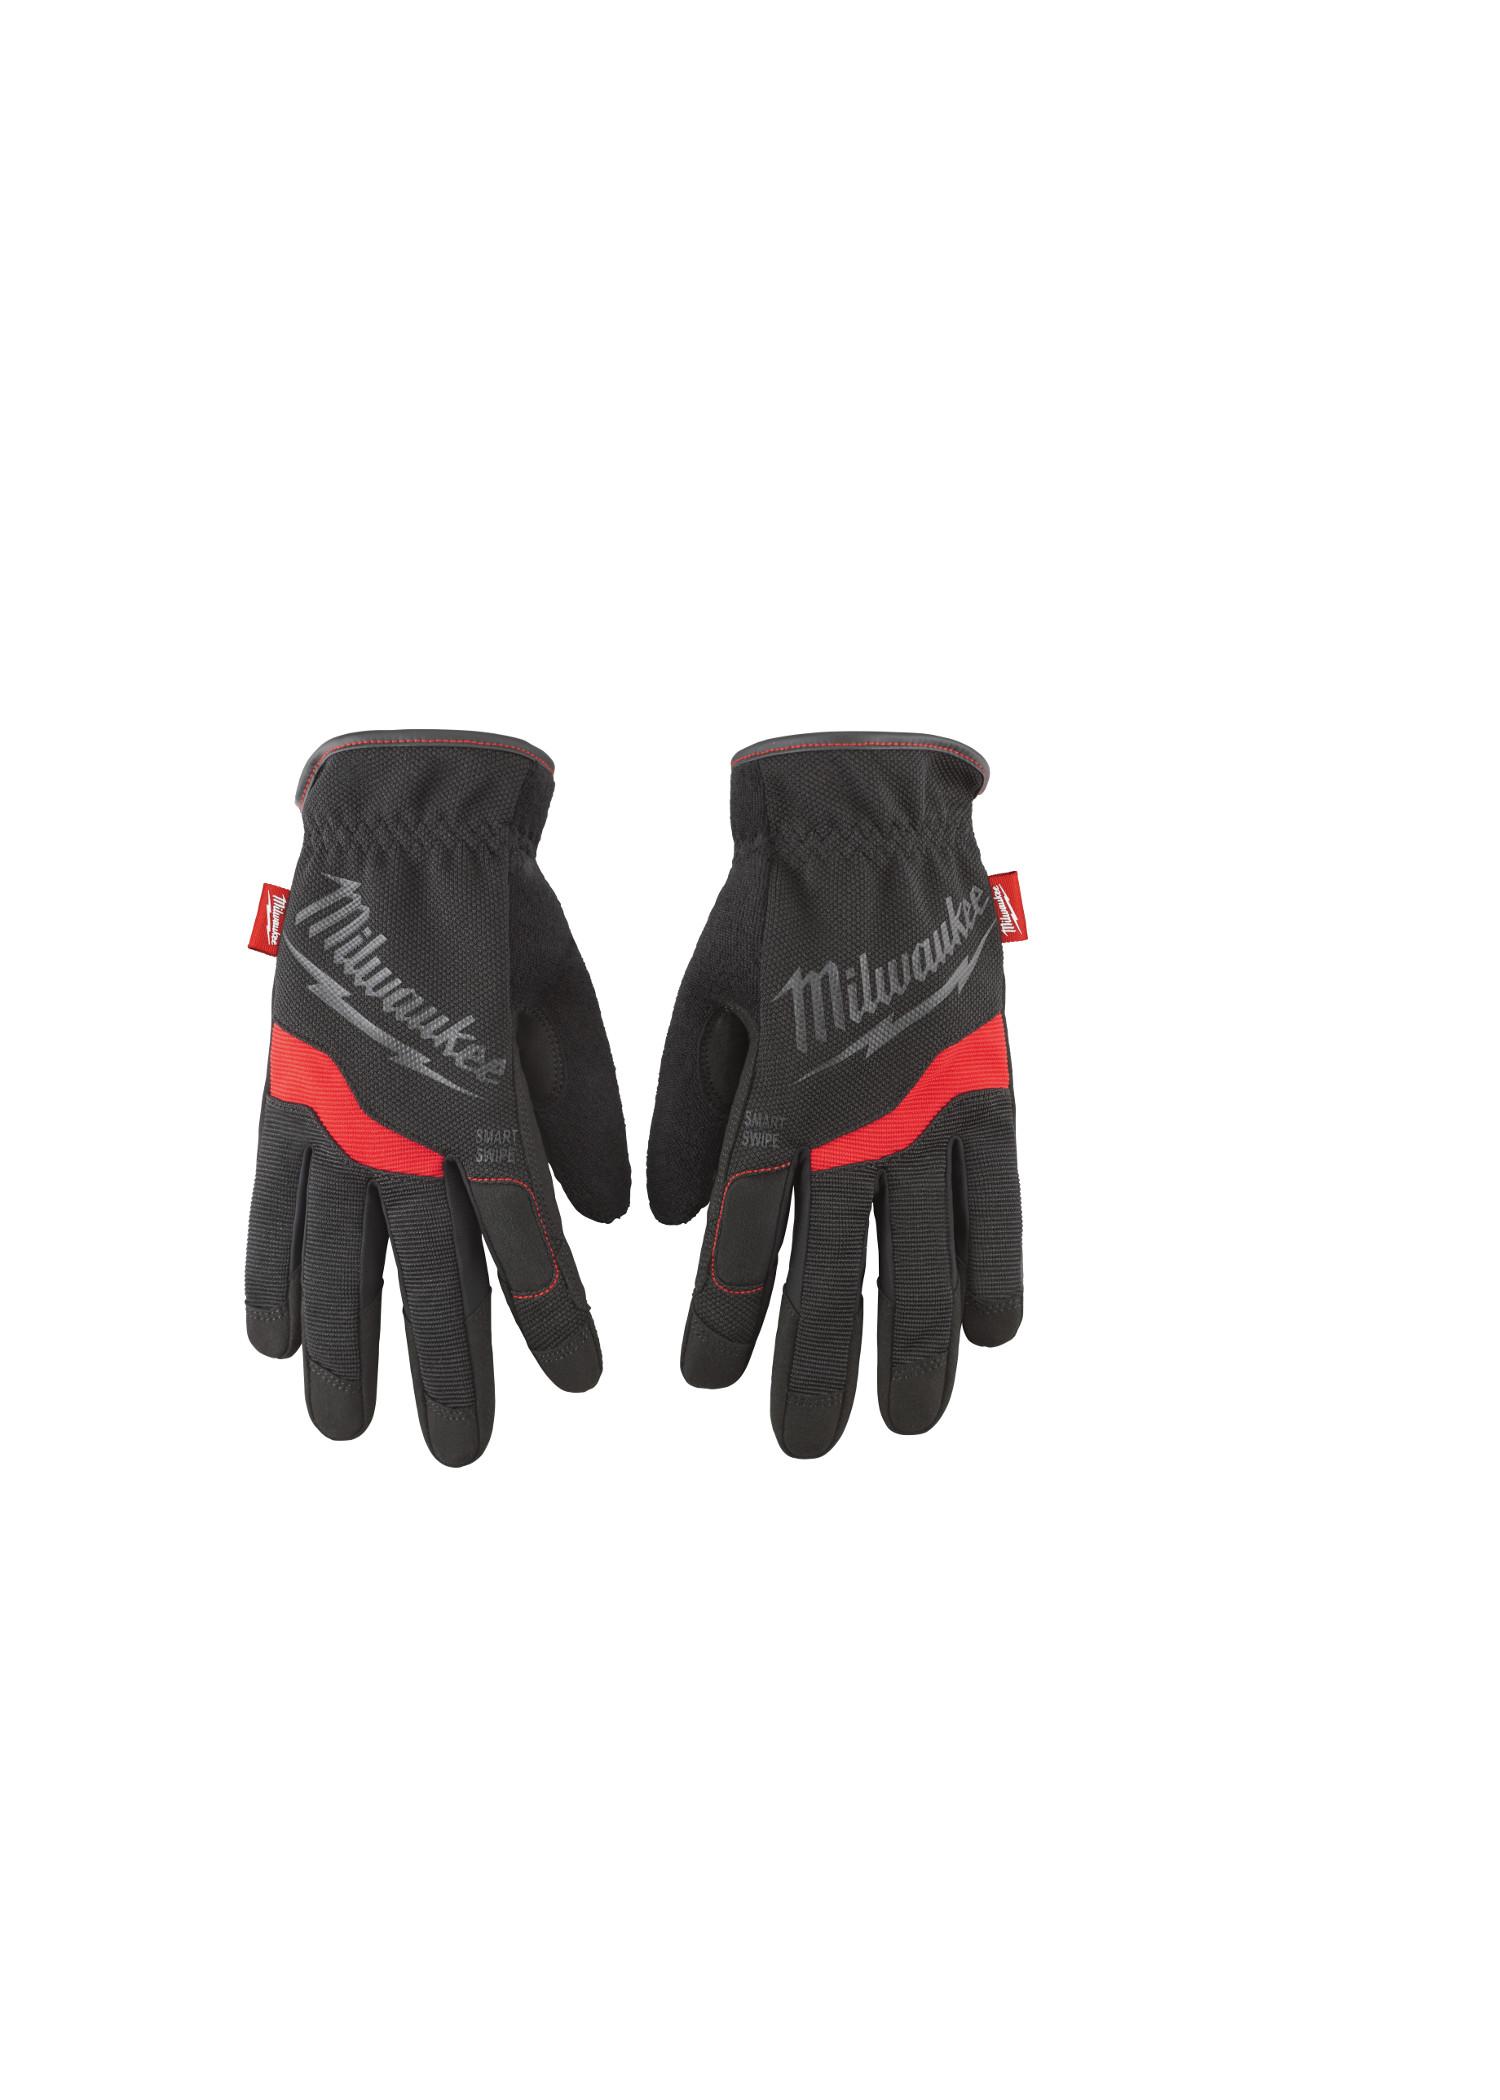 Milwaukee 48-22-8712 Free-Flex Work Gloves - L